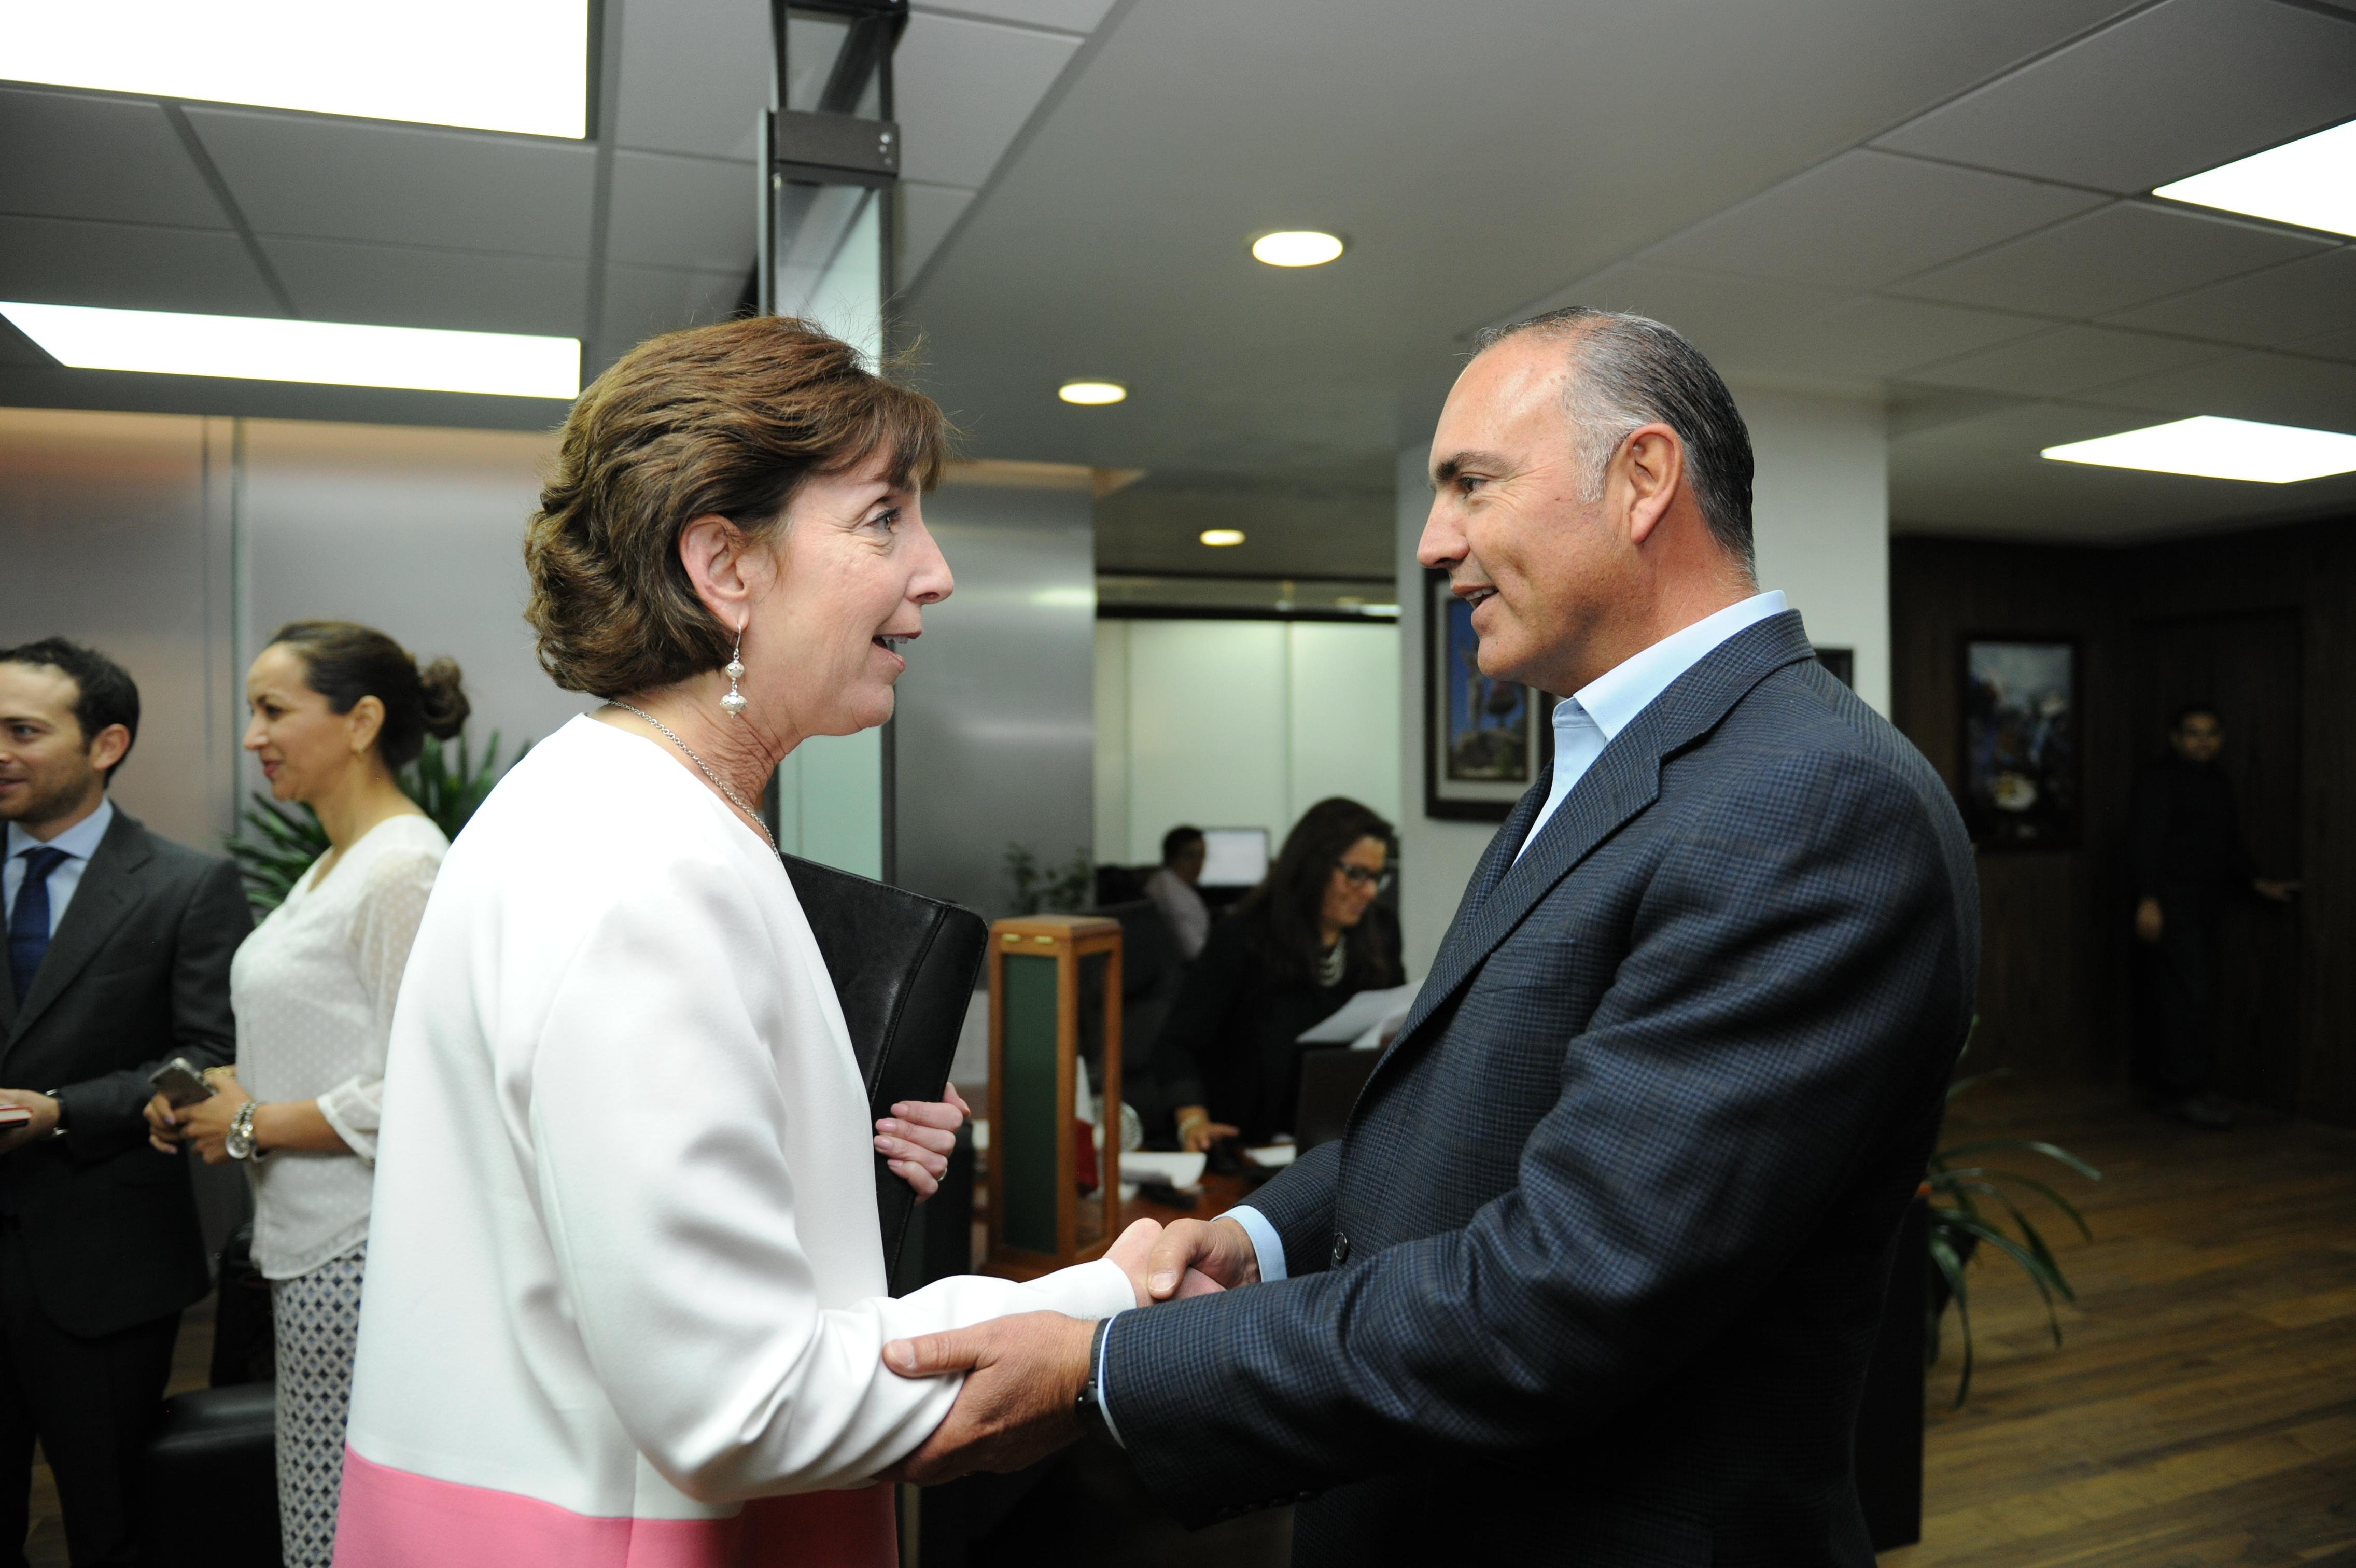 José Calzada Rovirosa se reunió por separado con la embajadora de Estados Unidos en México, Roberta Jacobson y la presidenta la provincia de Guangxi en China, Chen Jiwa.